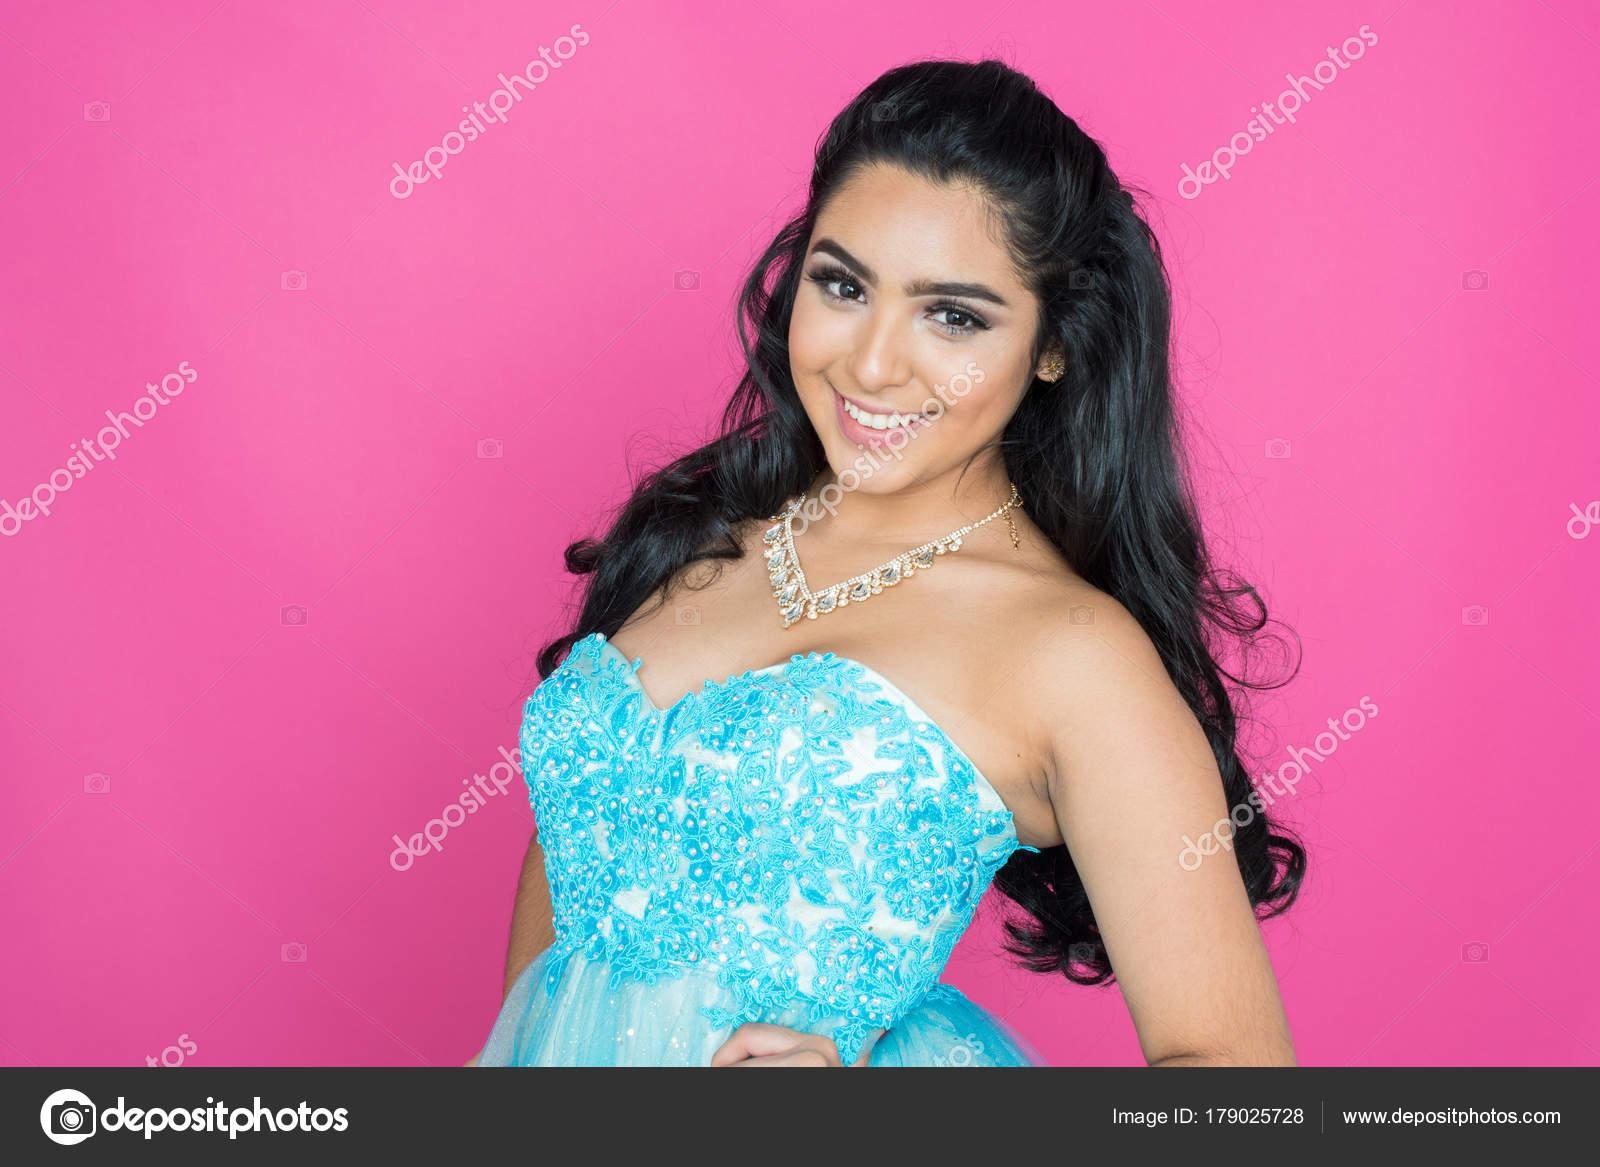 Teen en vestido de baile — Foto de stock © rmarmion #179025728